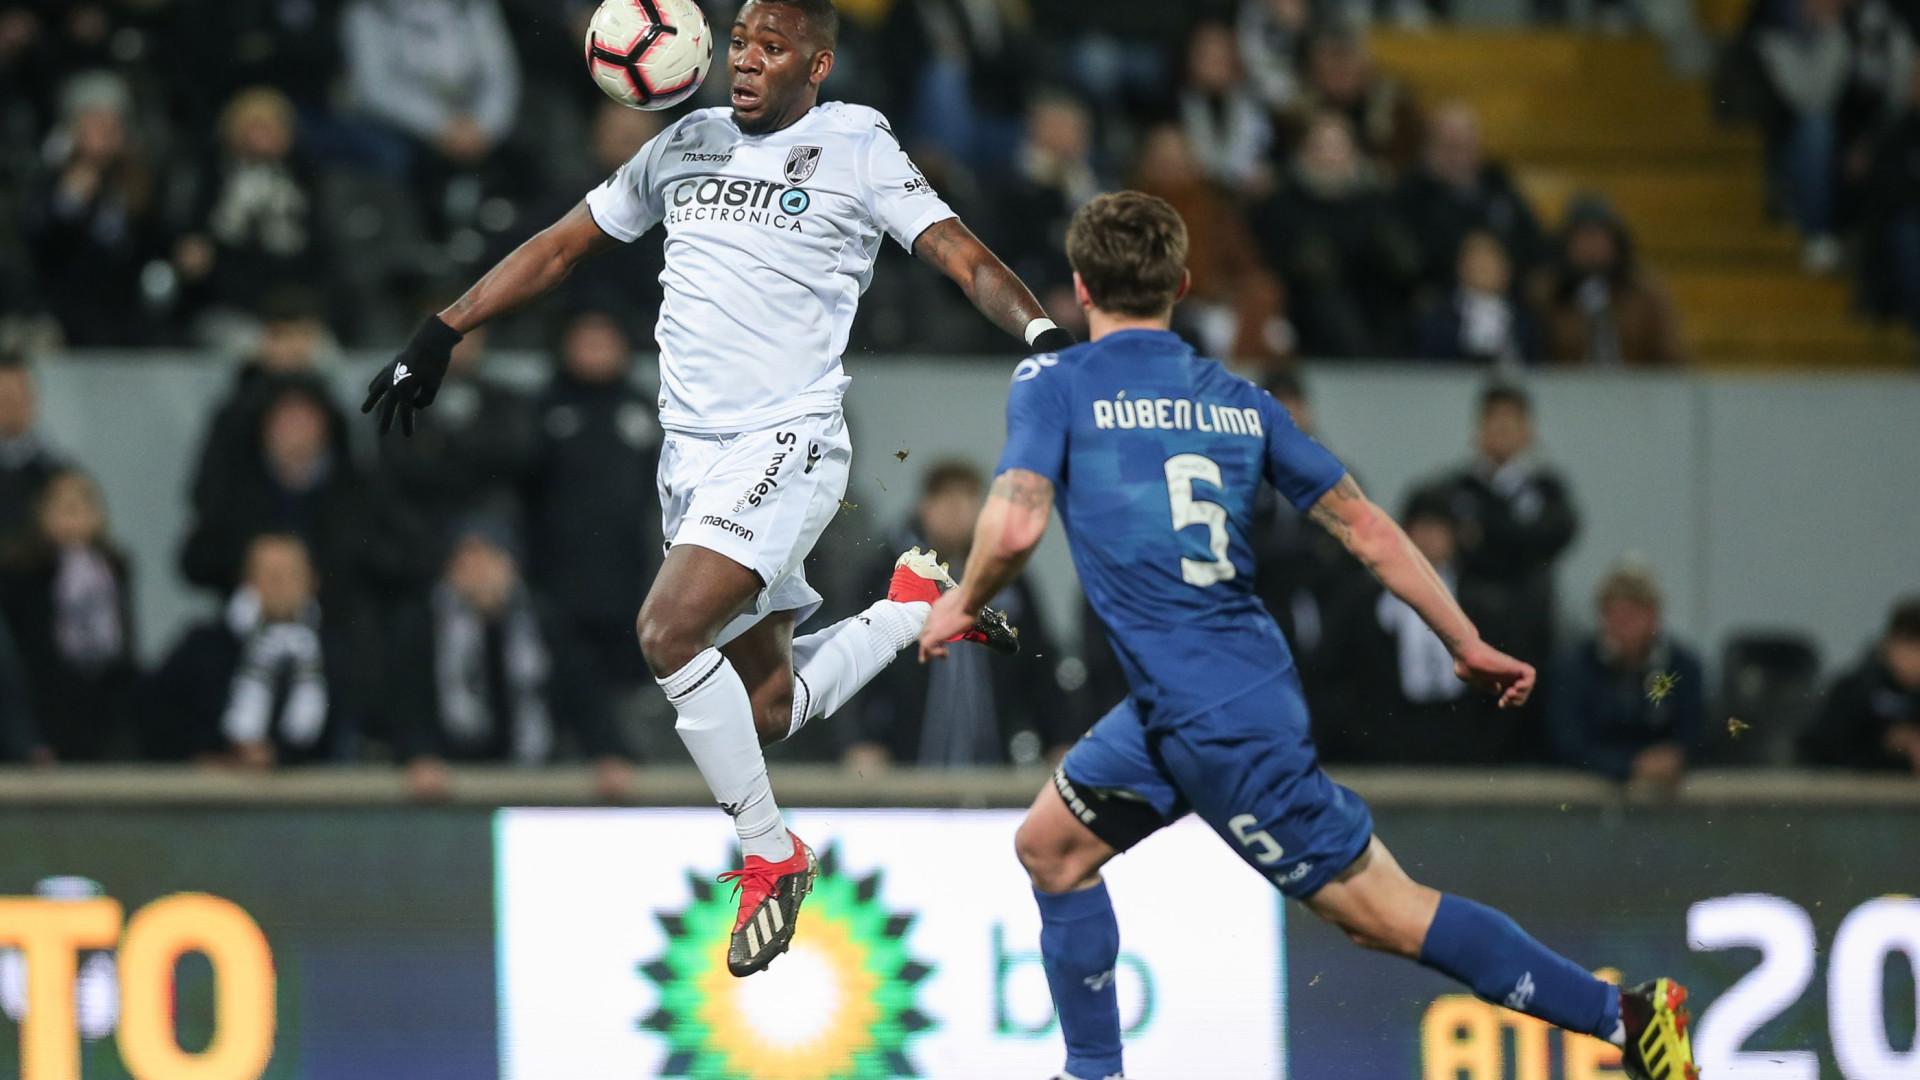 Vitória SC vence Moreirense e empata as contas na tabela classificativa